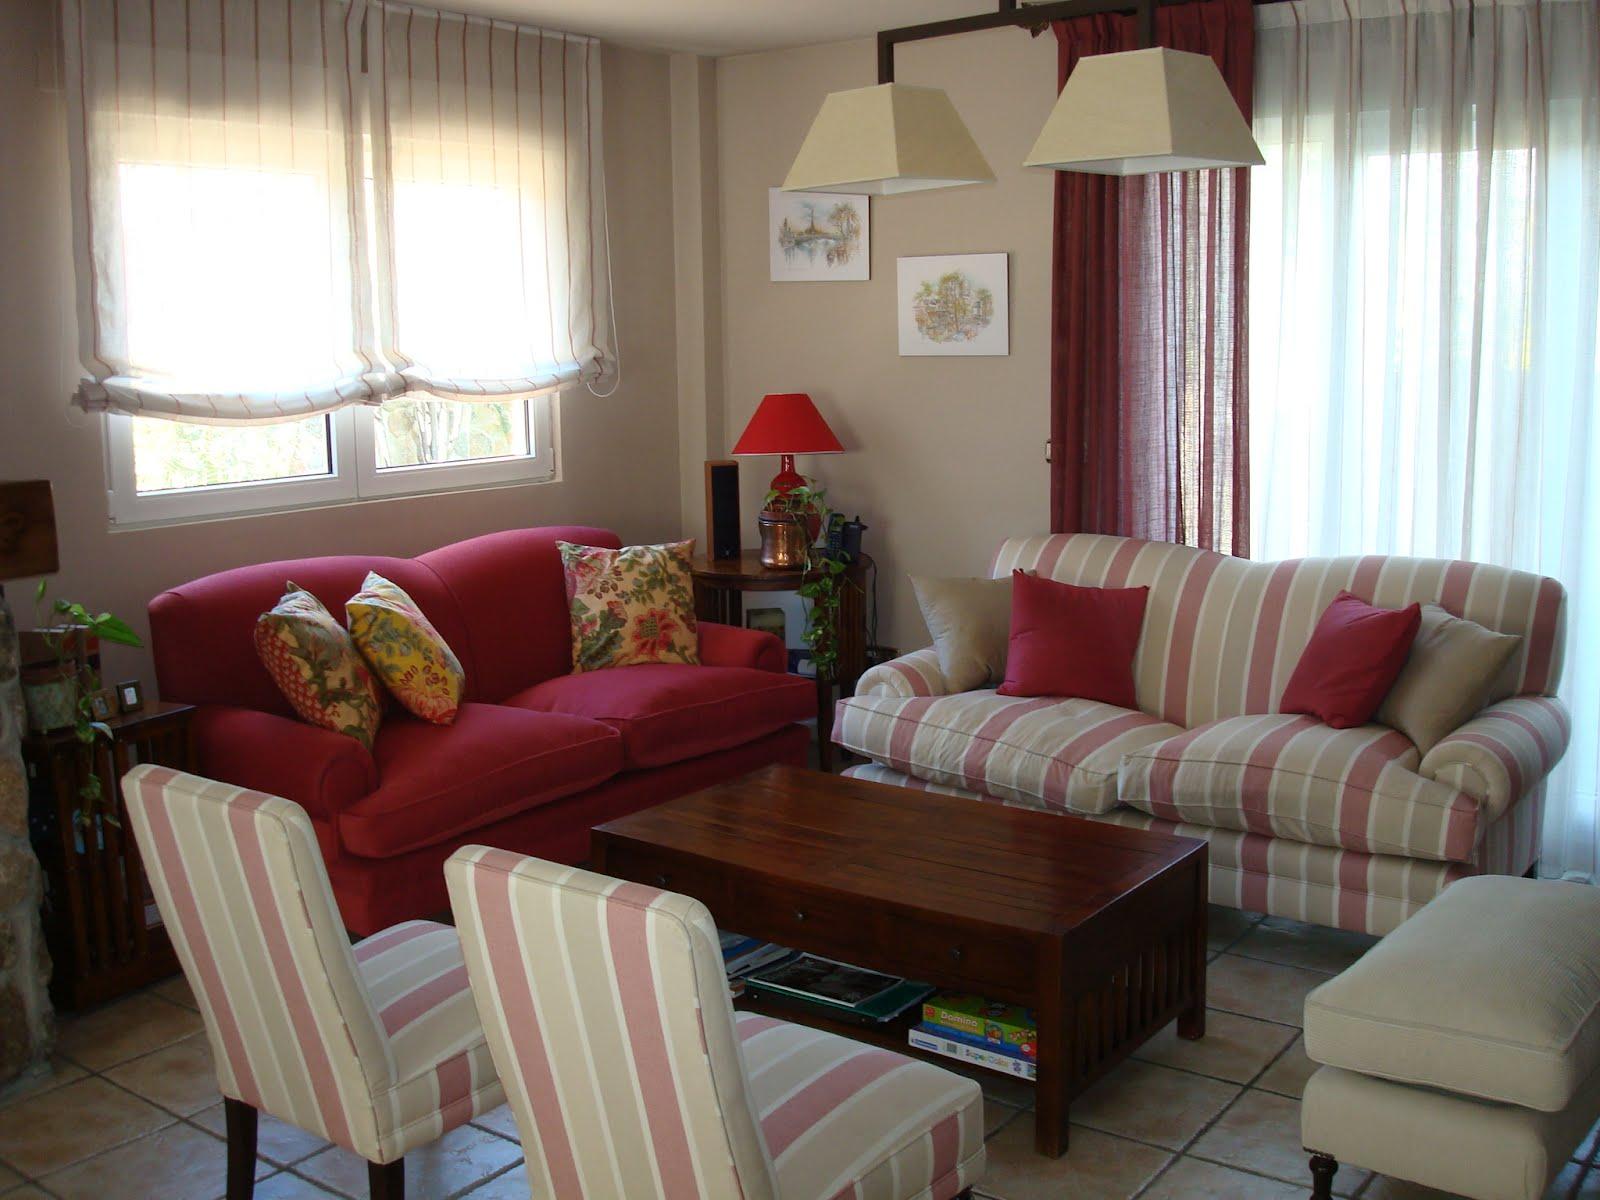 Edyta dise o decoraci n blog de decoraci n visillos - Visillos para dormitorios ...